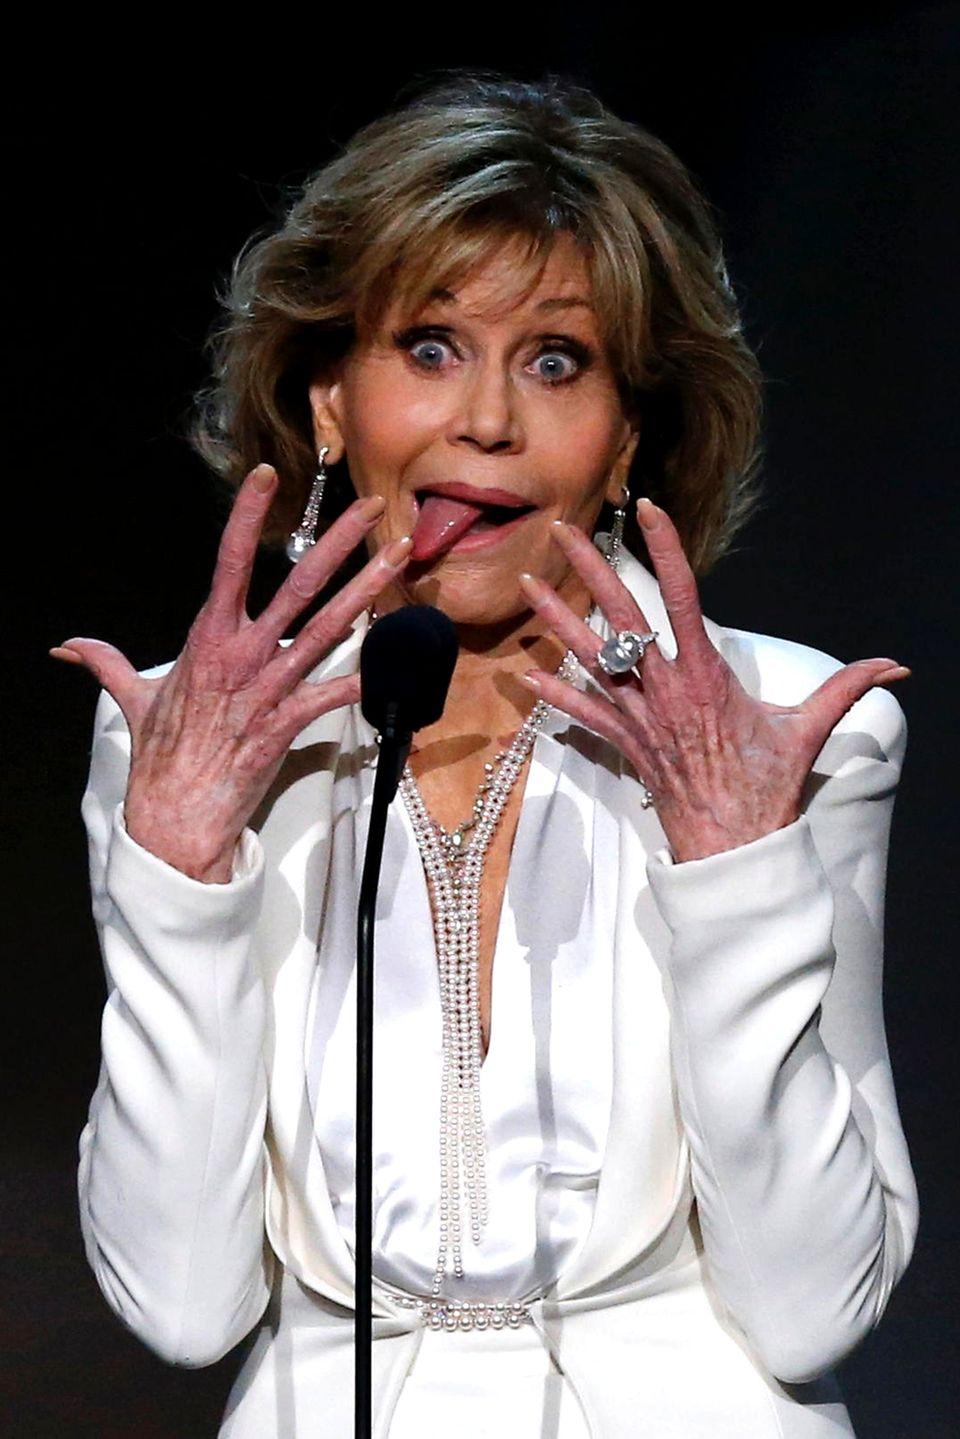 """Während der """"2017 American Film Institute Life Achievement Award""""-Show hält Jane Fonda eine belebte Rede. Die Schauspielerin gestikuliert mit allem, was sie hat, und sorgt so für diese lustige Aufnahme."""